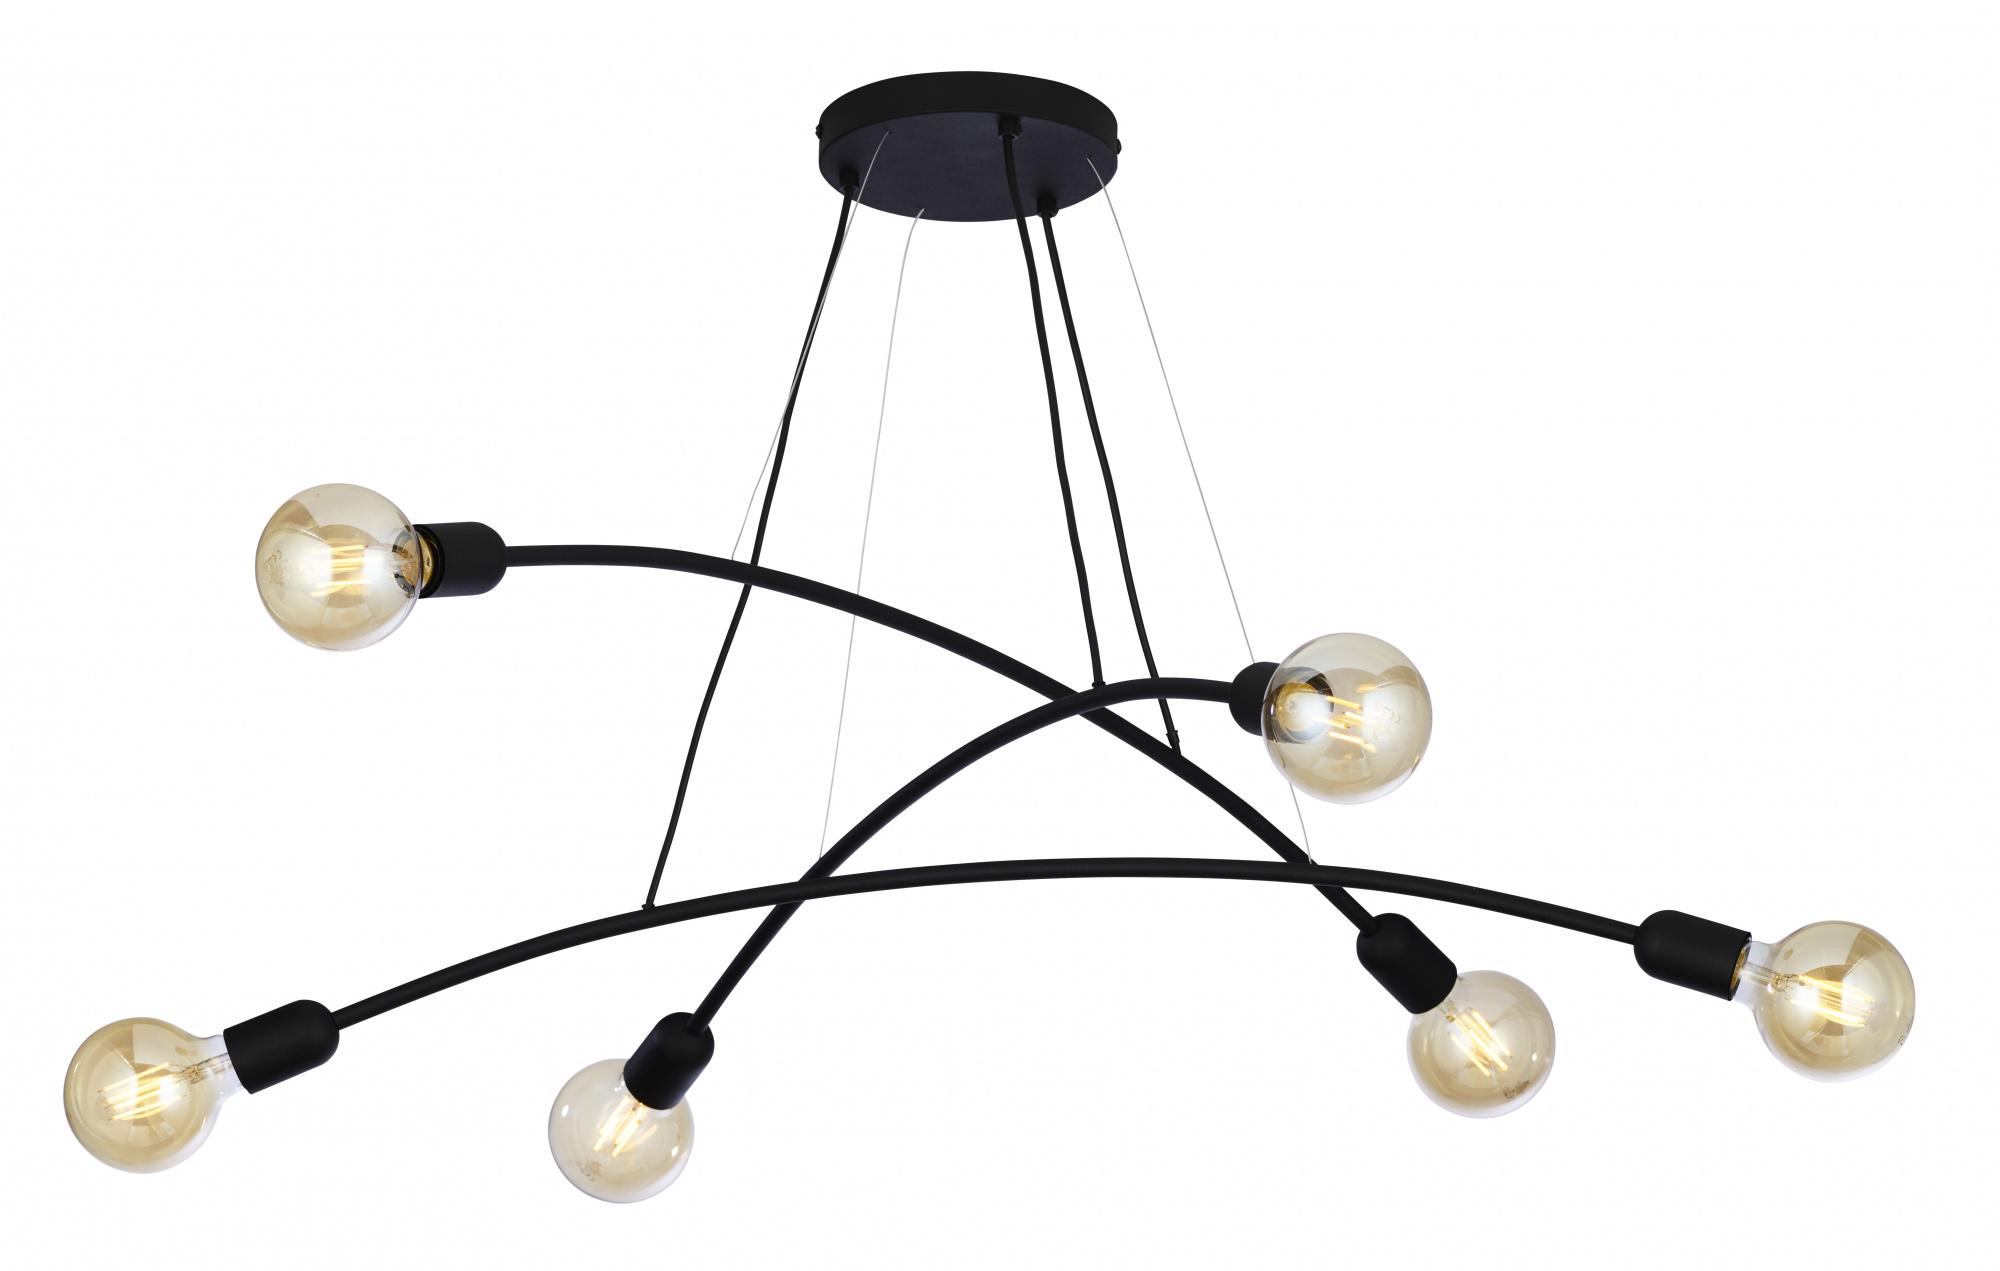 TK Lighting TK-2726 Helix lámpa függeszték